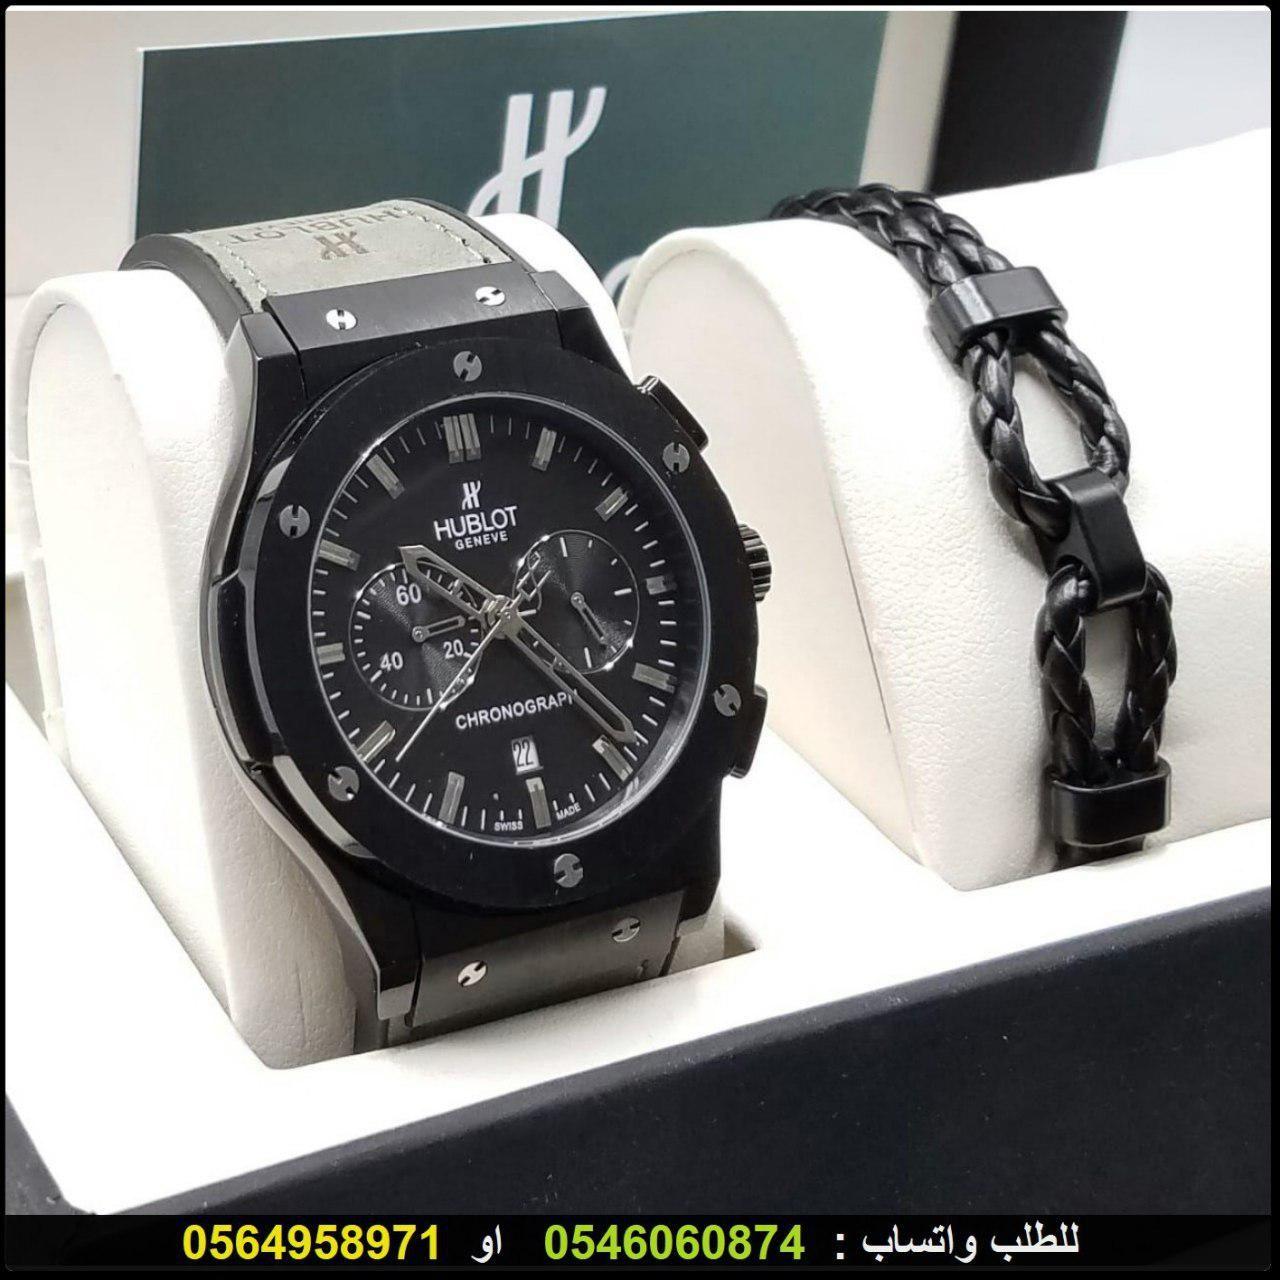 ساعات هوبلت رجالي Hublot درجه اولى مع اسواره شكل هوبلت فخمه هدايا هنوف Casio Watch Watches Casio